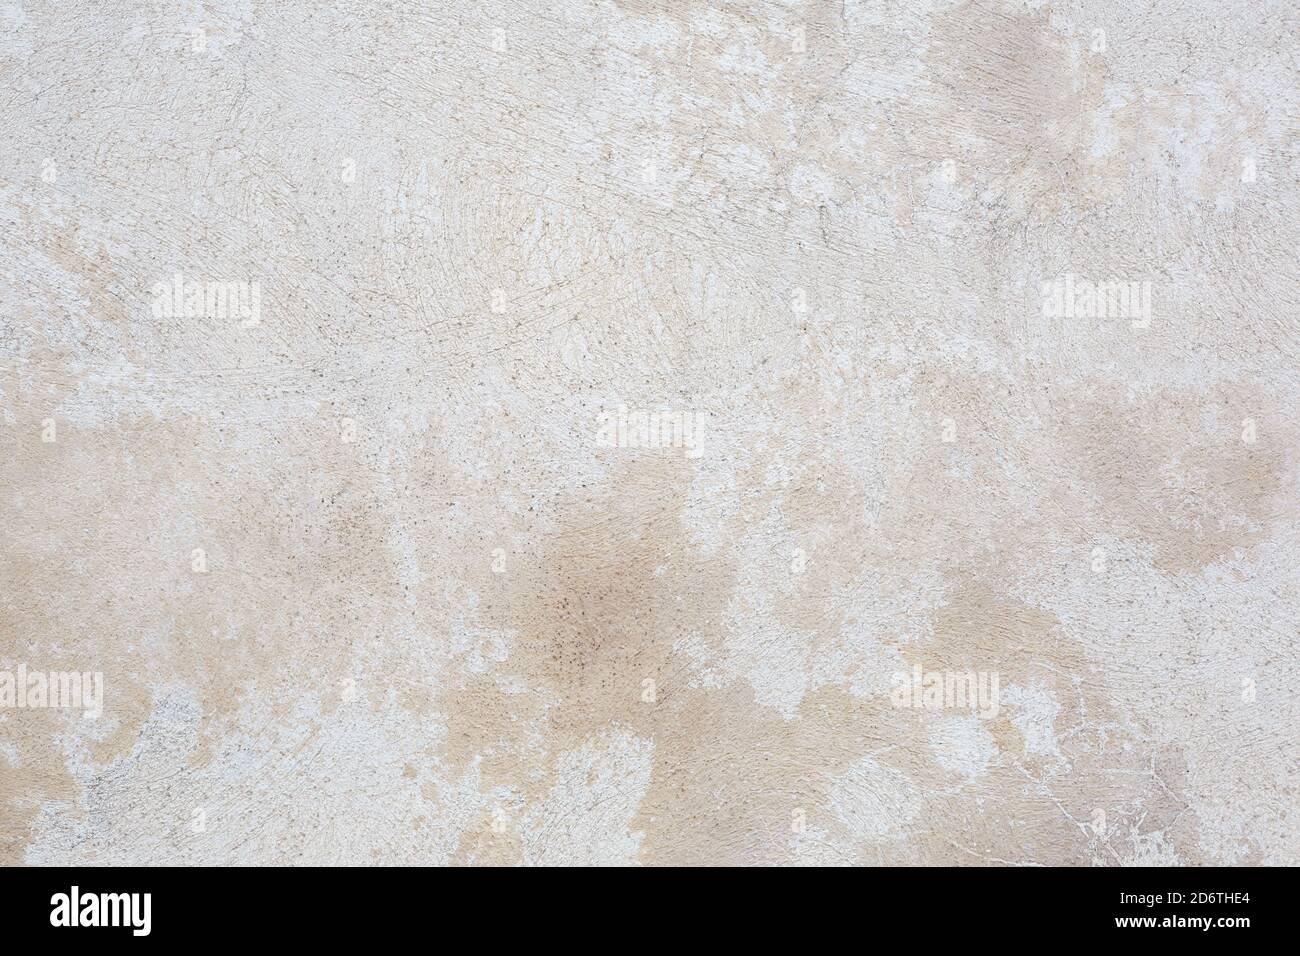 Mur de ciment blanc et beige, fond de texture en béton Banque D'Images